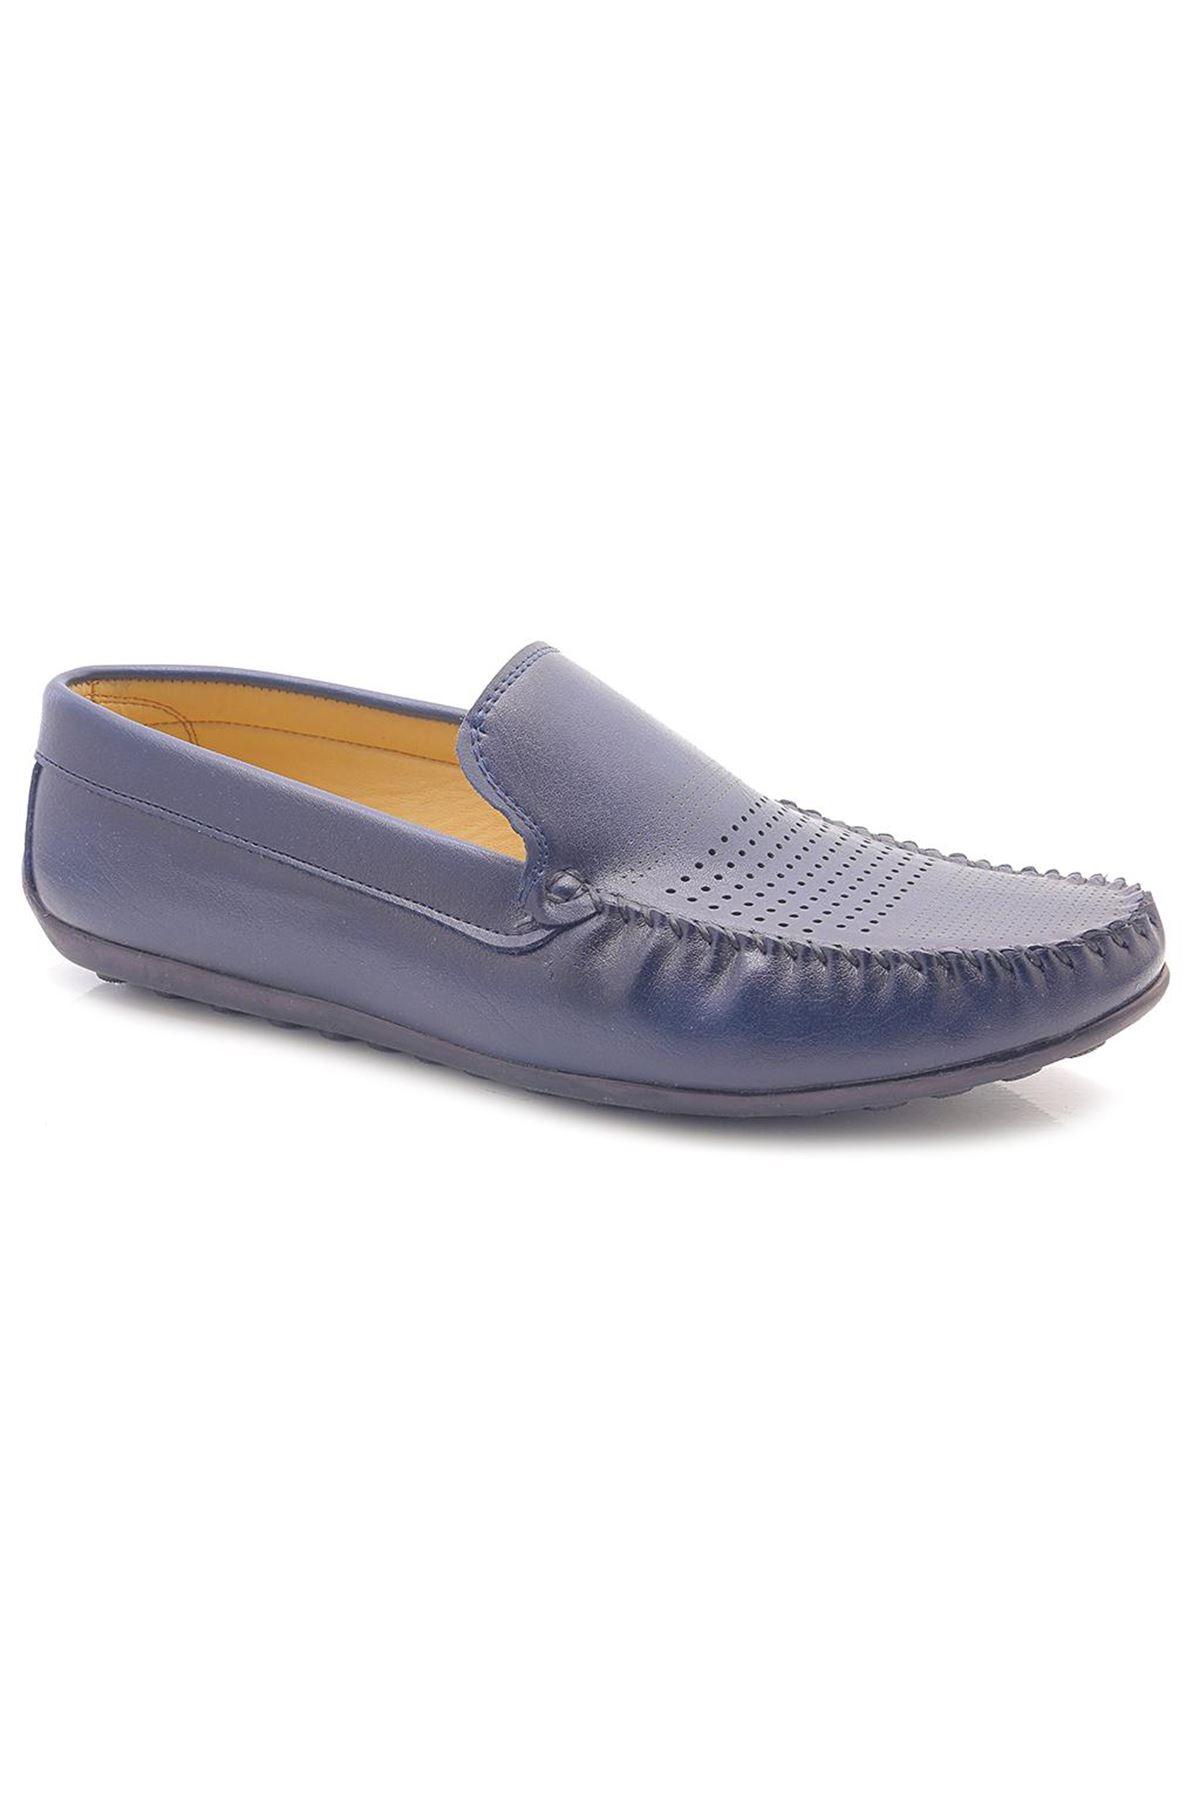 Namen Lacivert Corcik Ayakkabı